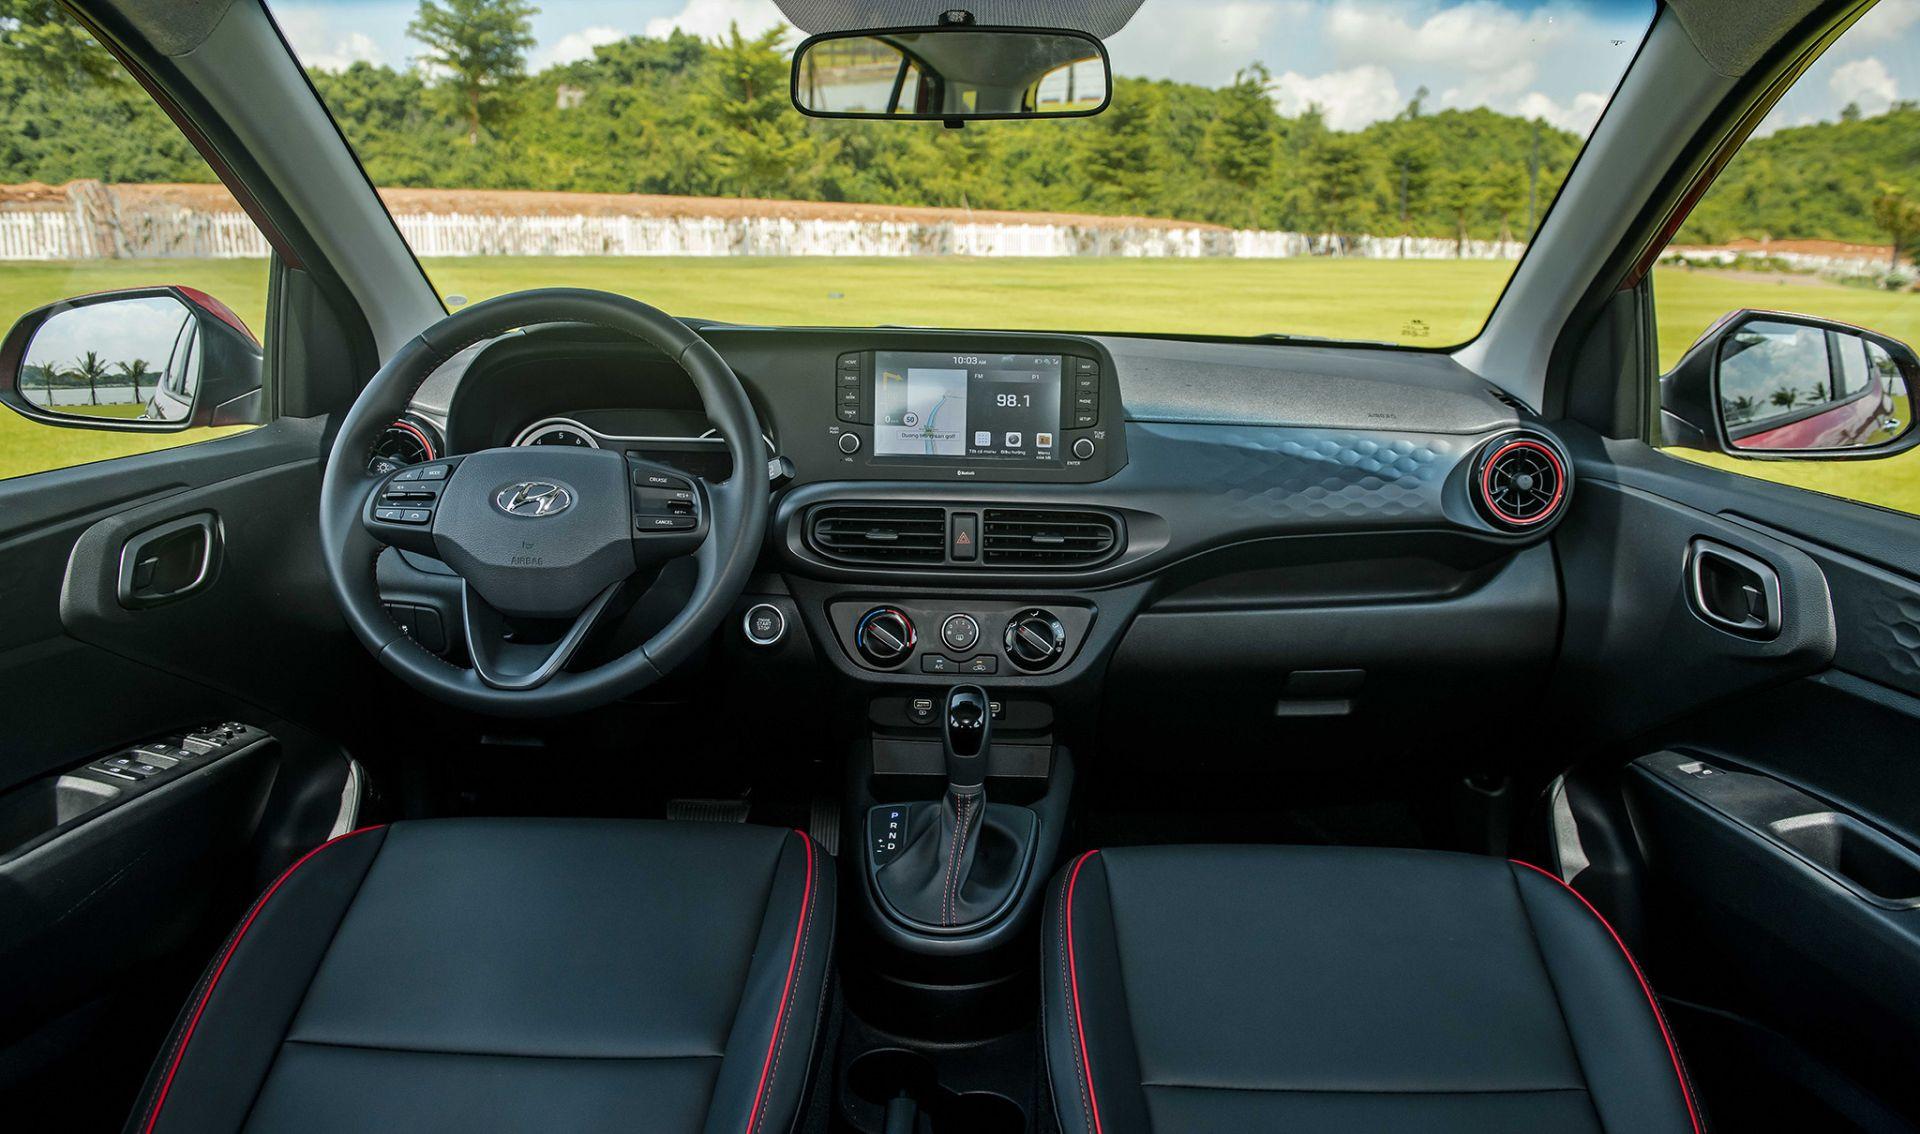 Hàng ghế trước của Hyundai Grand i10 2021